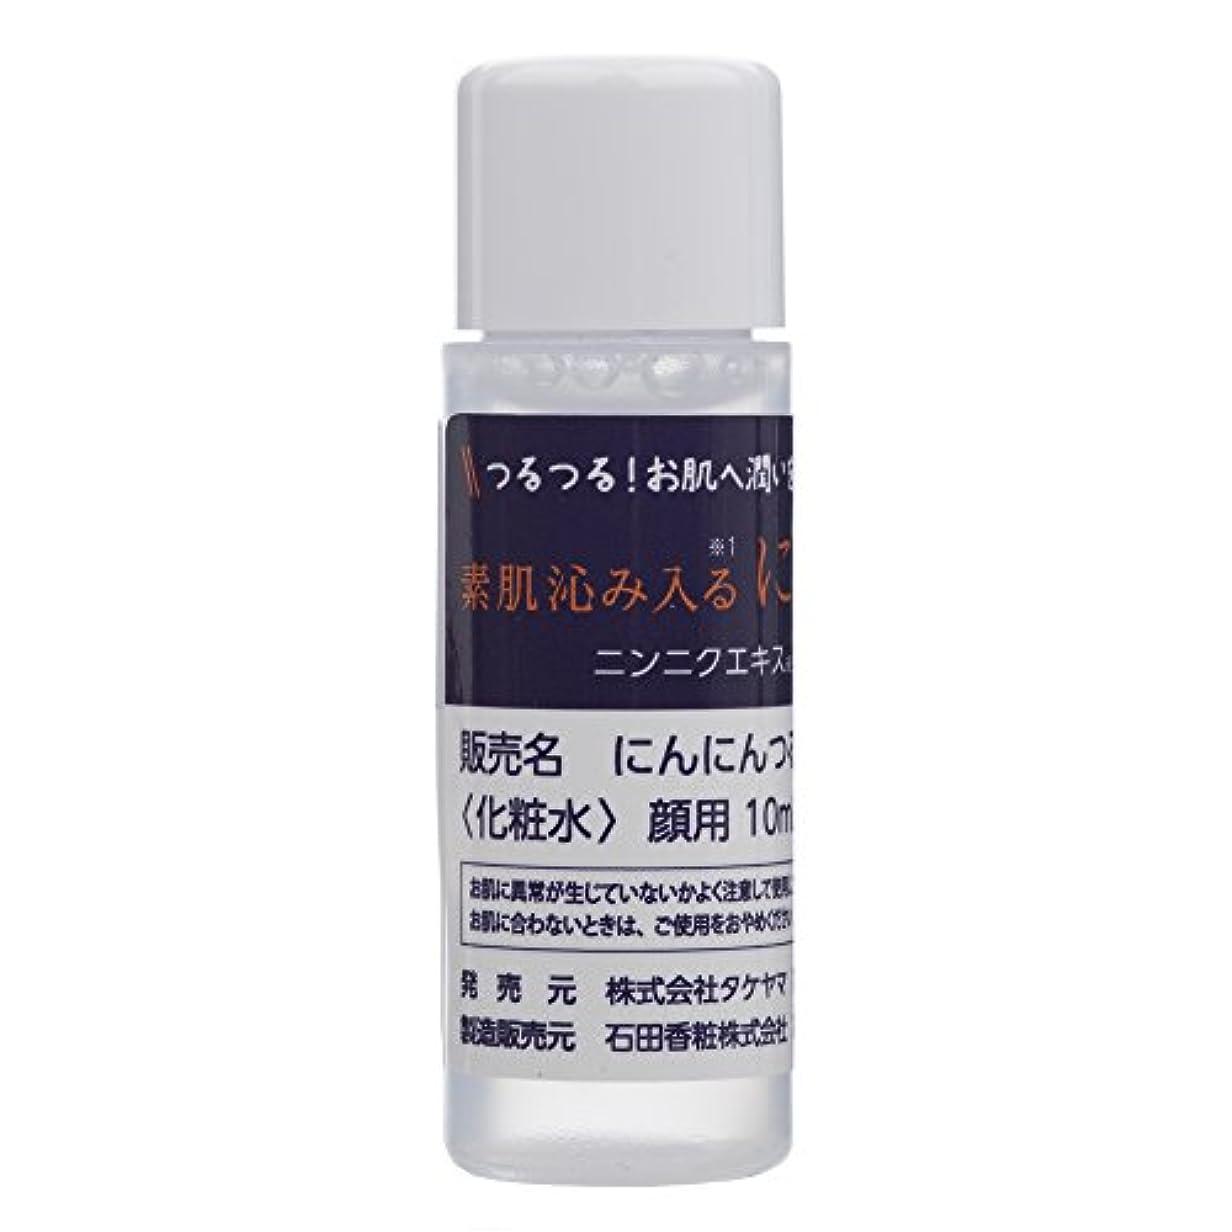 算術確かに輪郭にんにんつるり お肌の健康と潤いを保つ化粧水です。 10ml